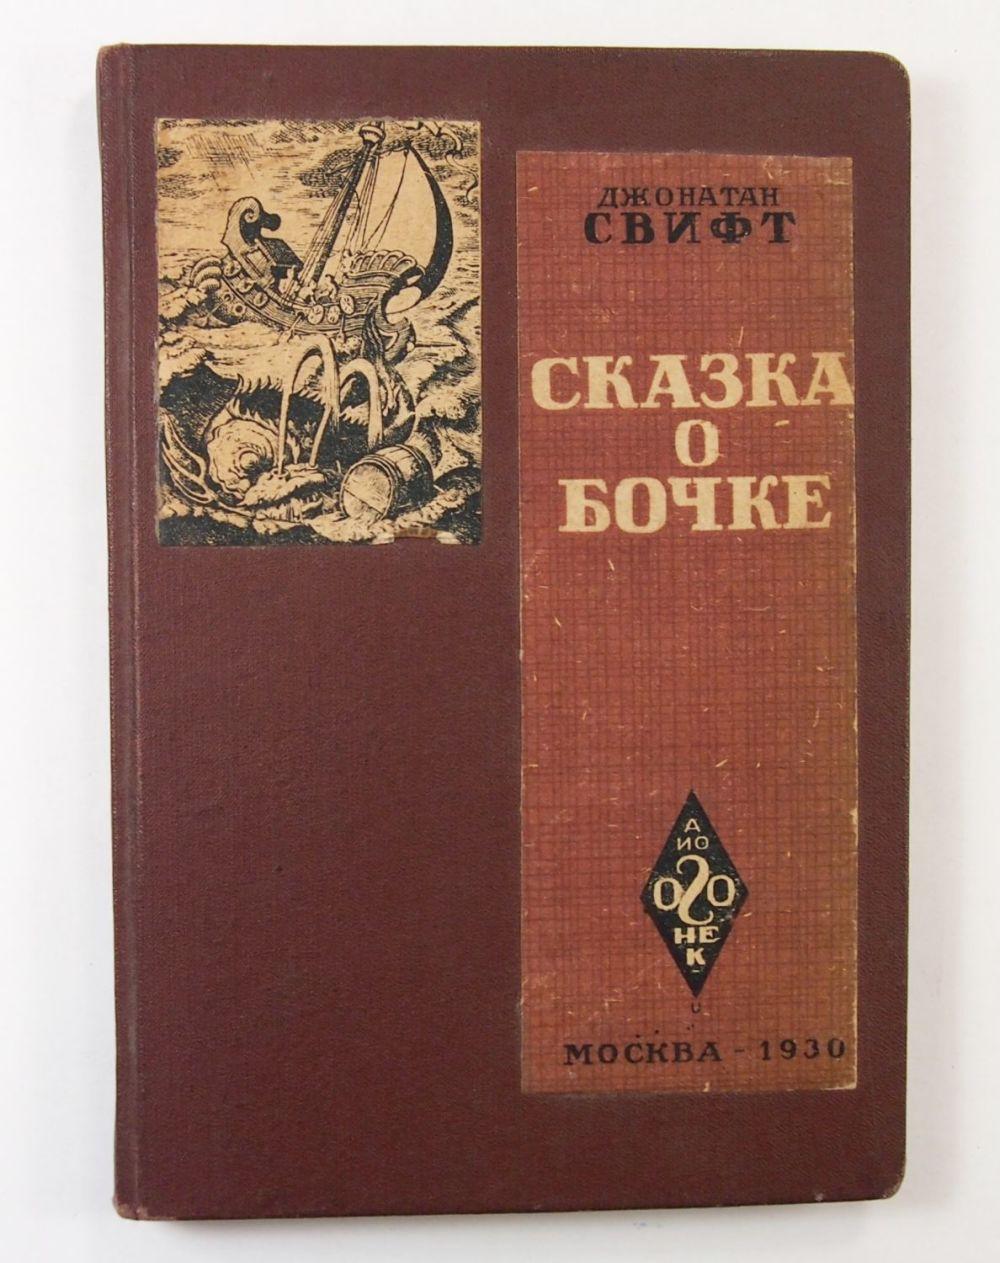 Сказка бочки джонатана свифта фото книги